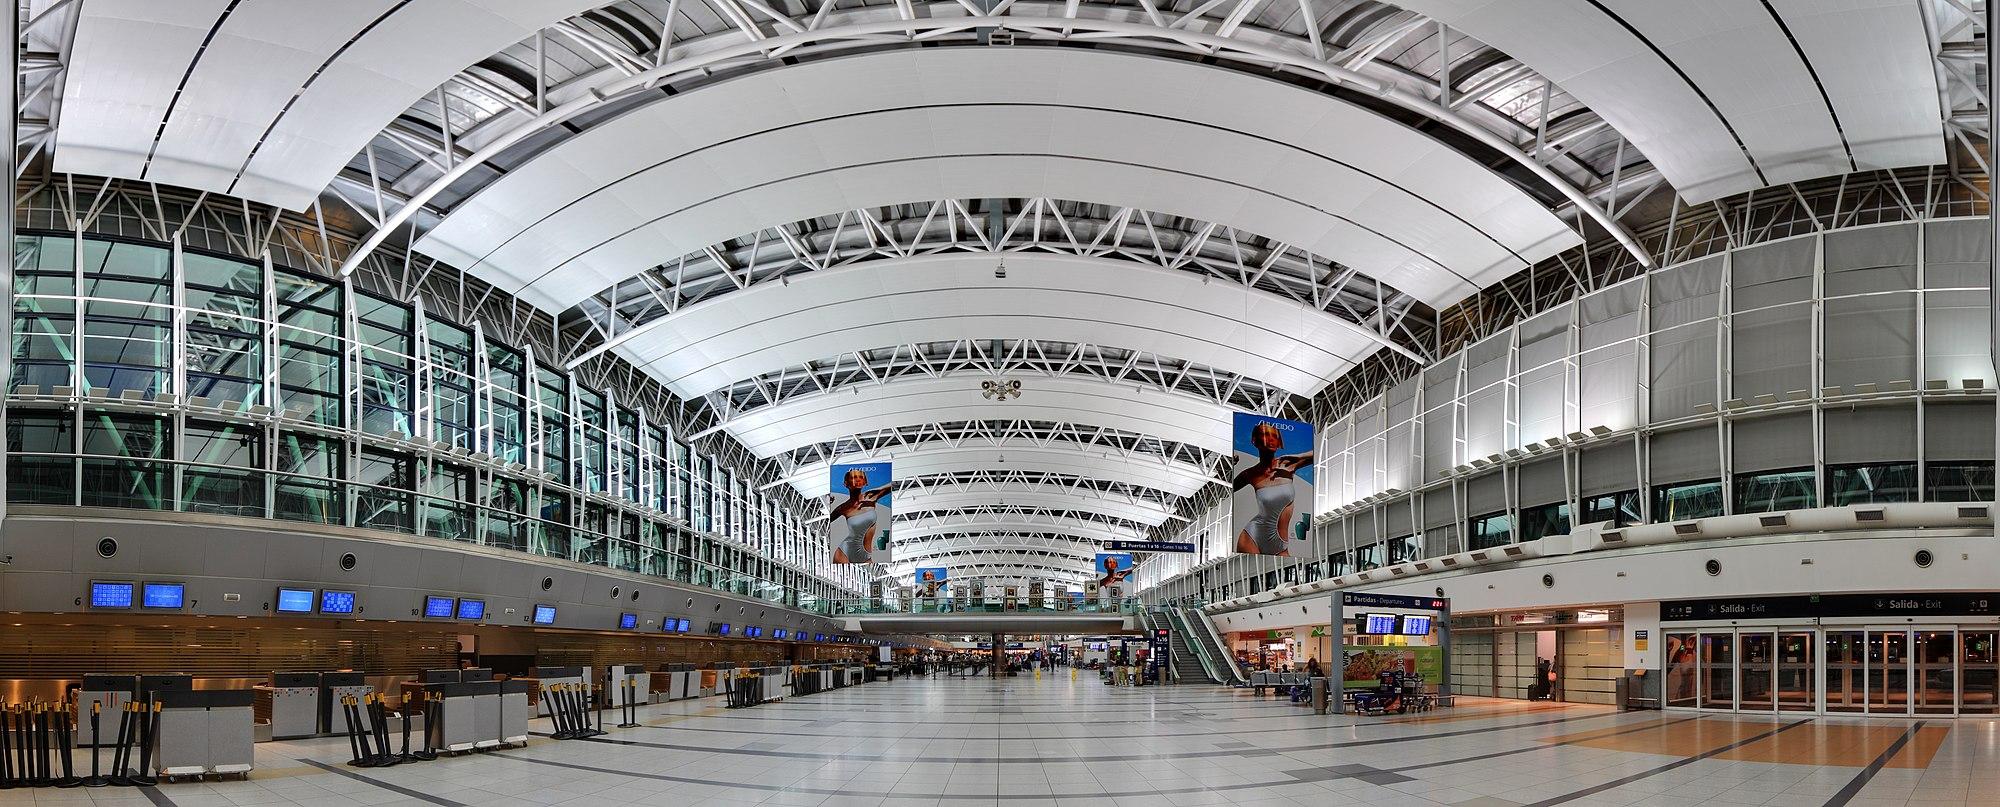 199 - Buenos Aires - Aéroport international Ezeiza - Janvier 2010.jpg